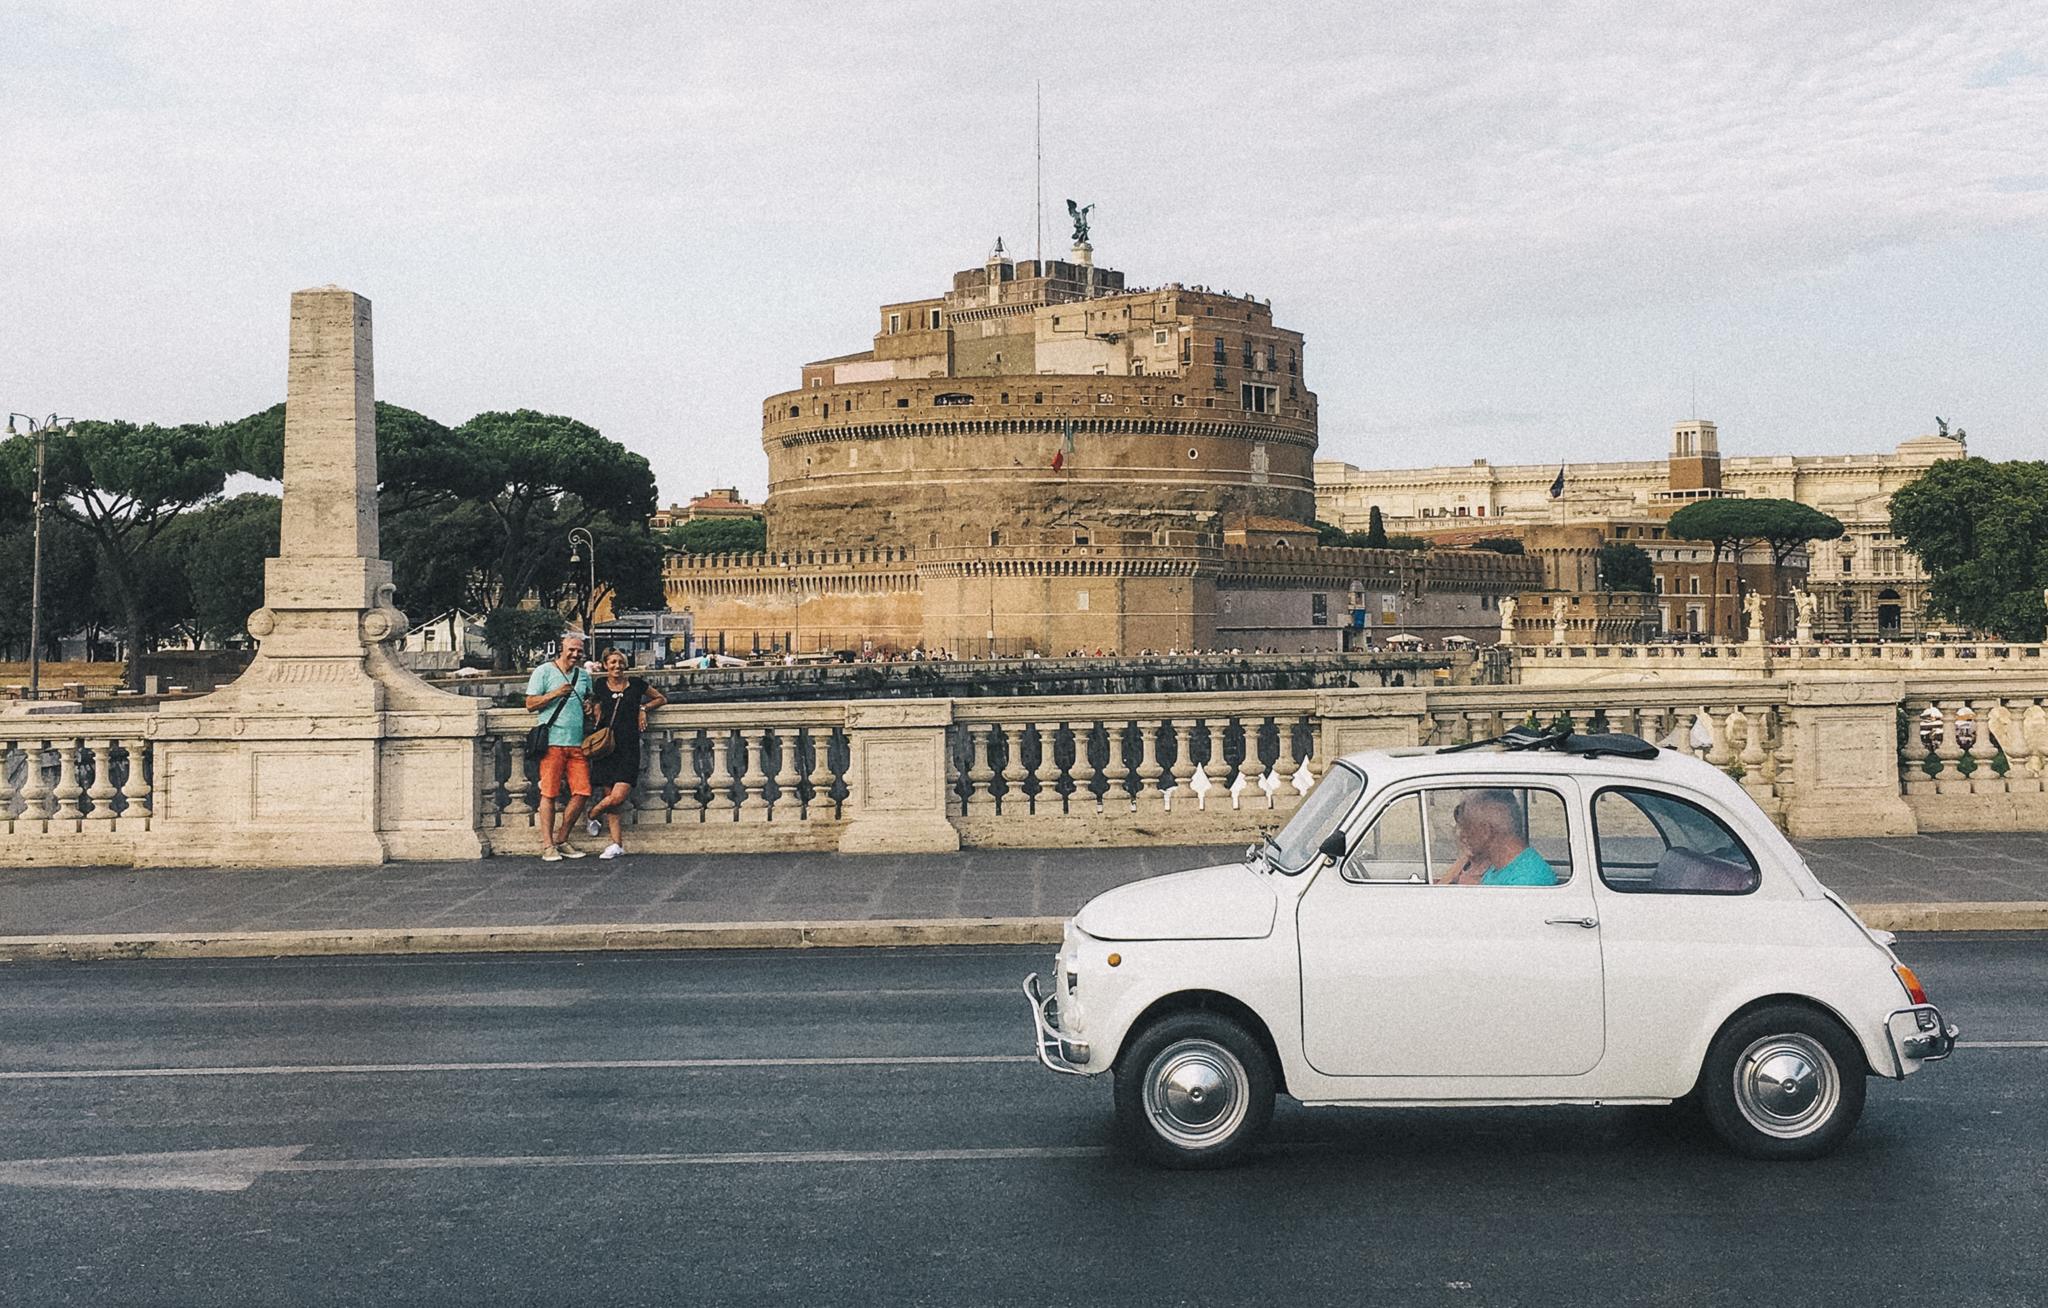 O carro enguiçou no meio da rua!Roma, Itália - iPhone 6s